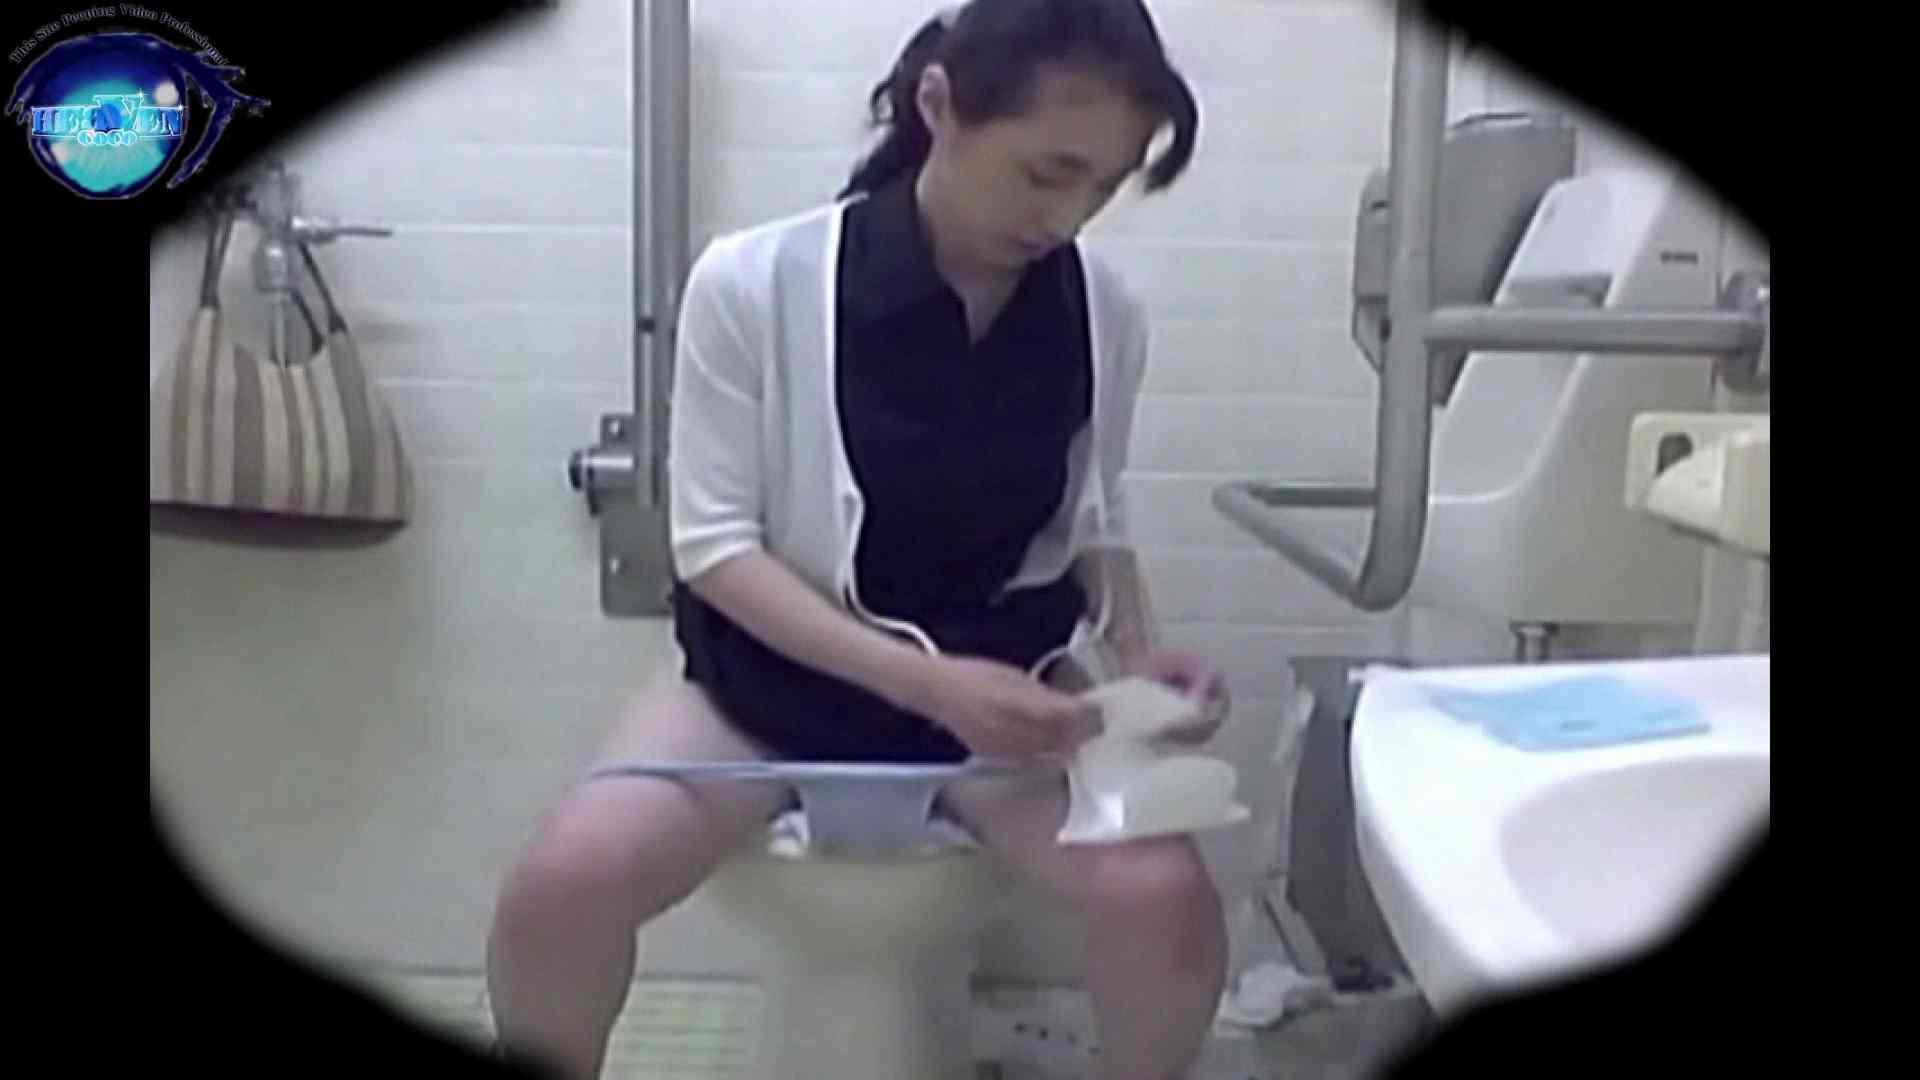 teen galトイレ覗き紙がナイ編‼vol.14 トイレ | 覗き 盗撮 77PIX 58